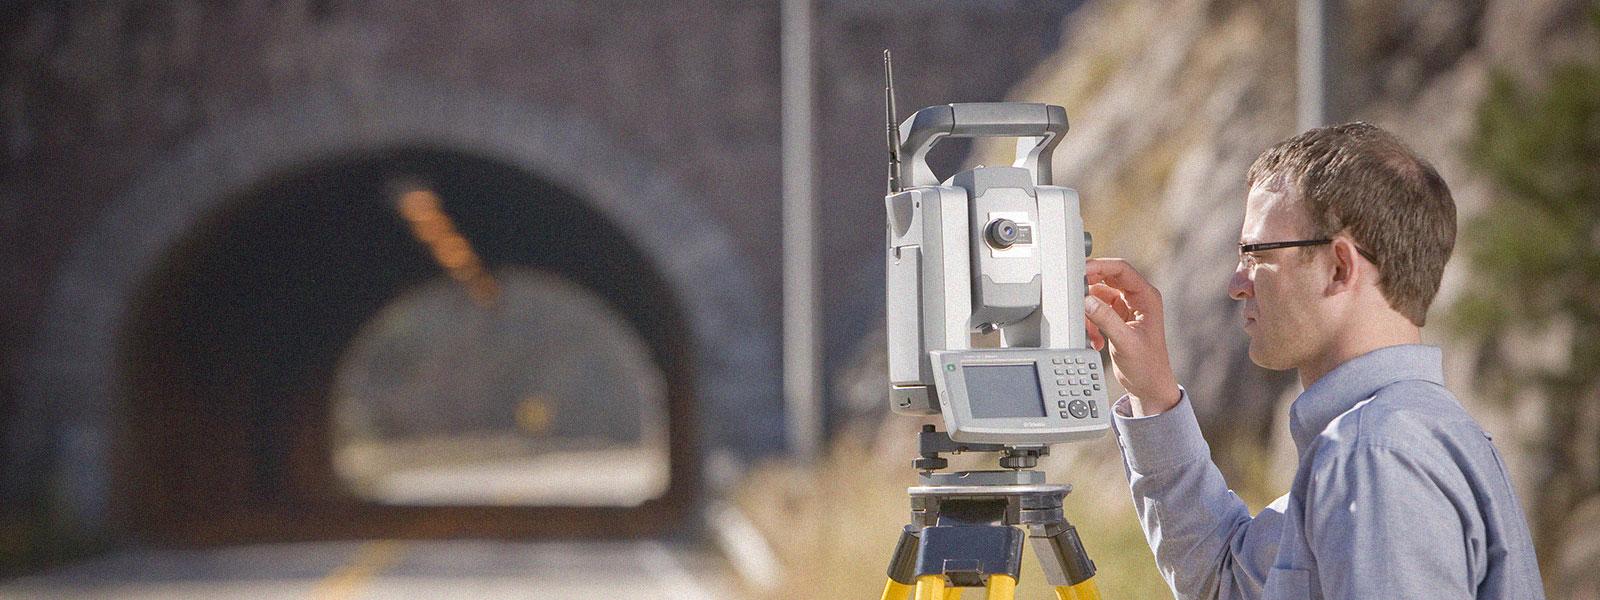 TSA Equipment Anti-theft Working Group